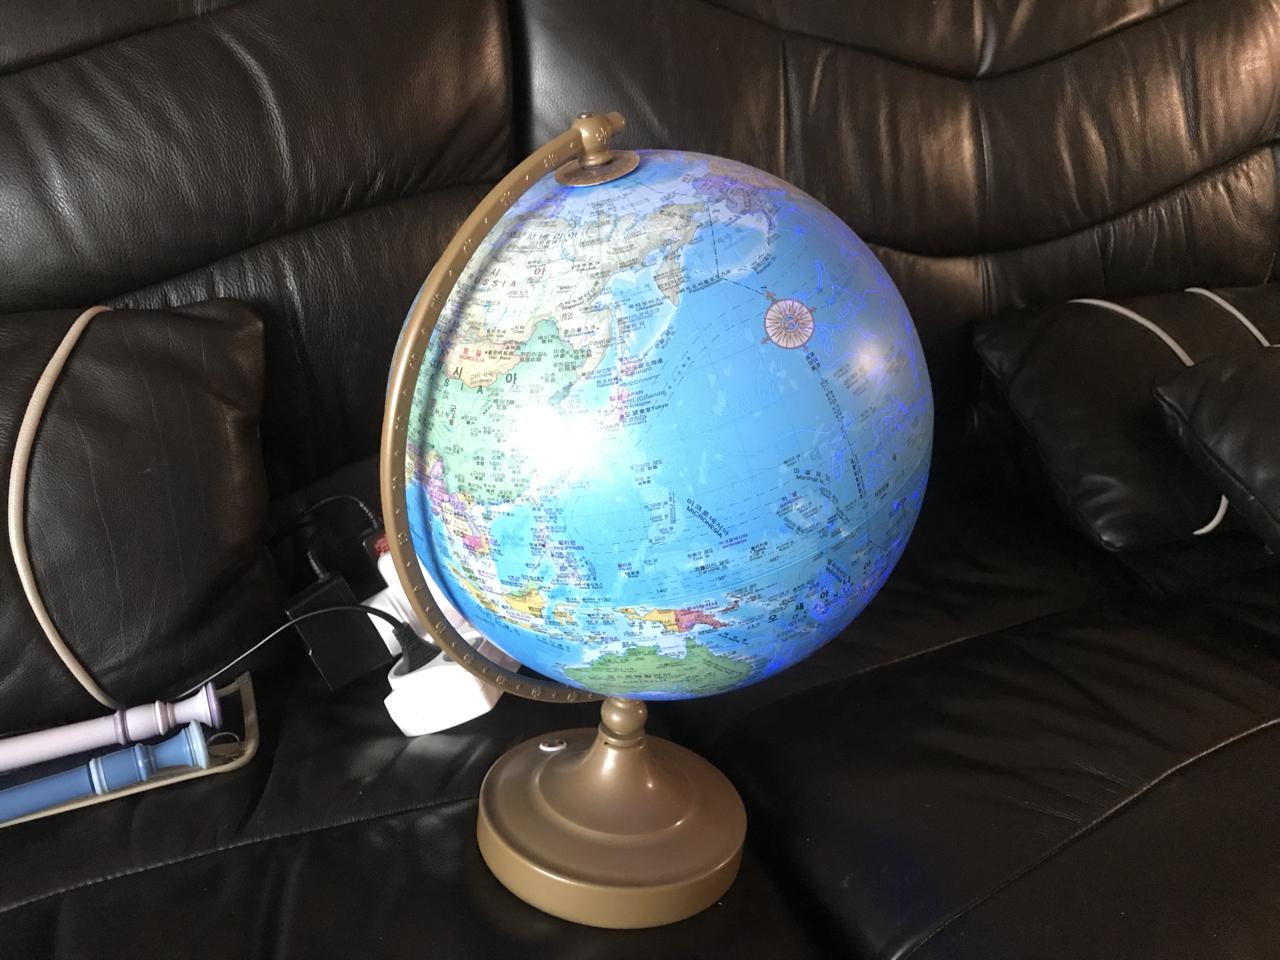 불 켜지는 별자리 지구본